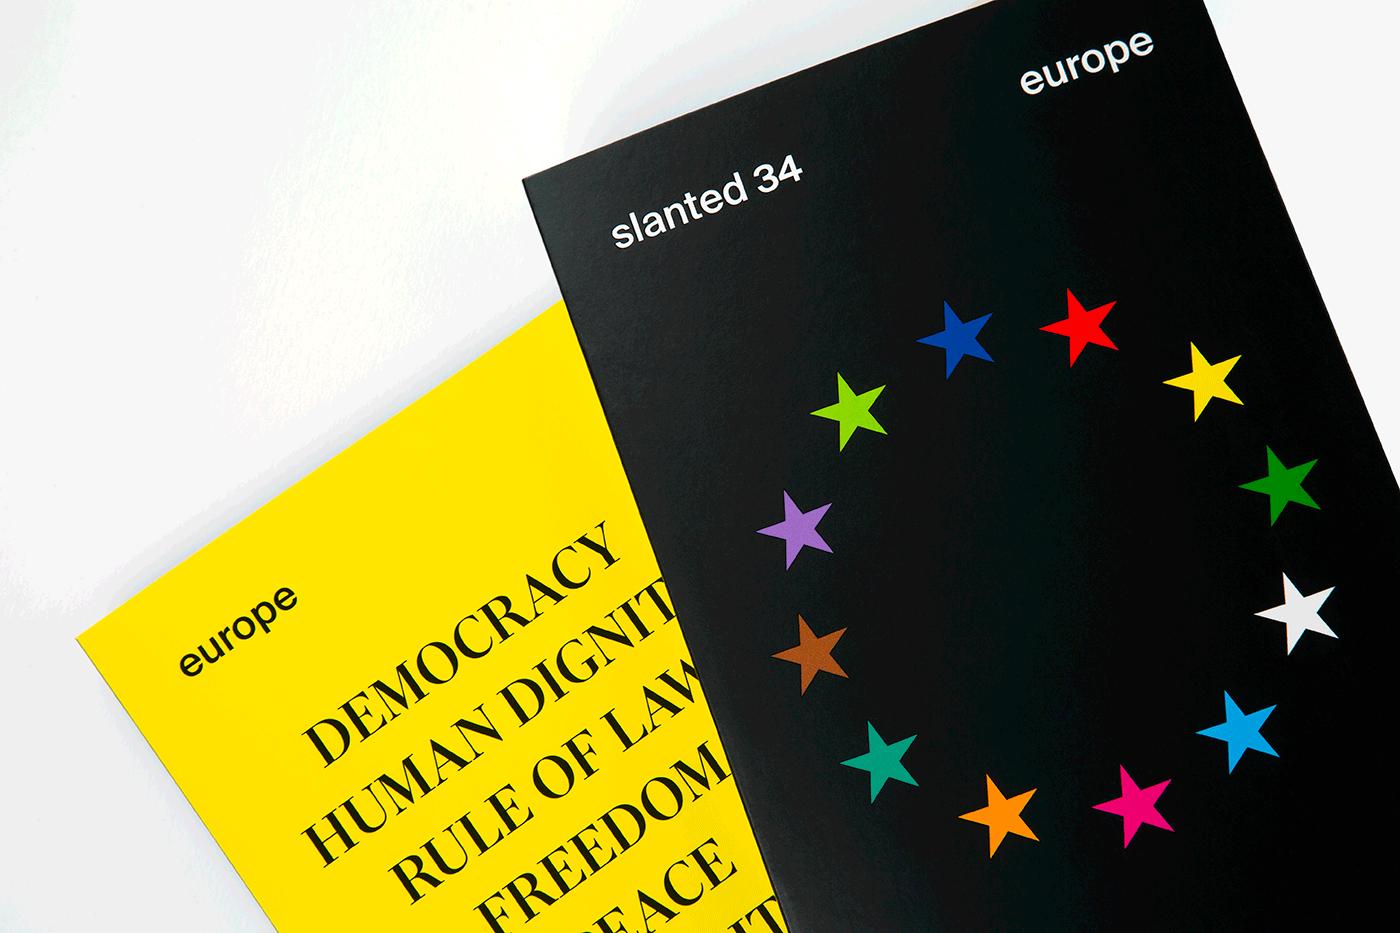 Slanted-Magazine-34-Europe_02.png